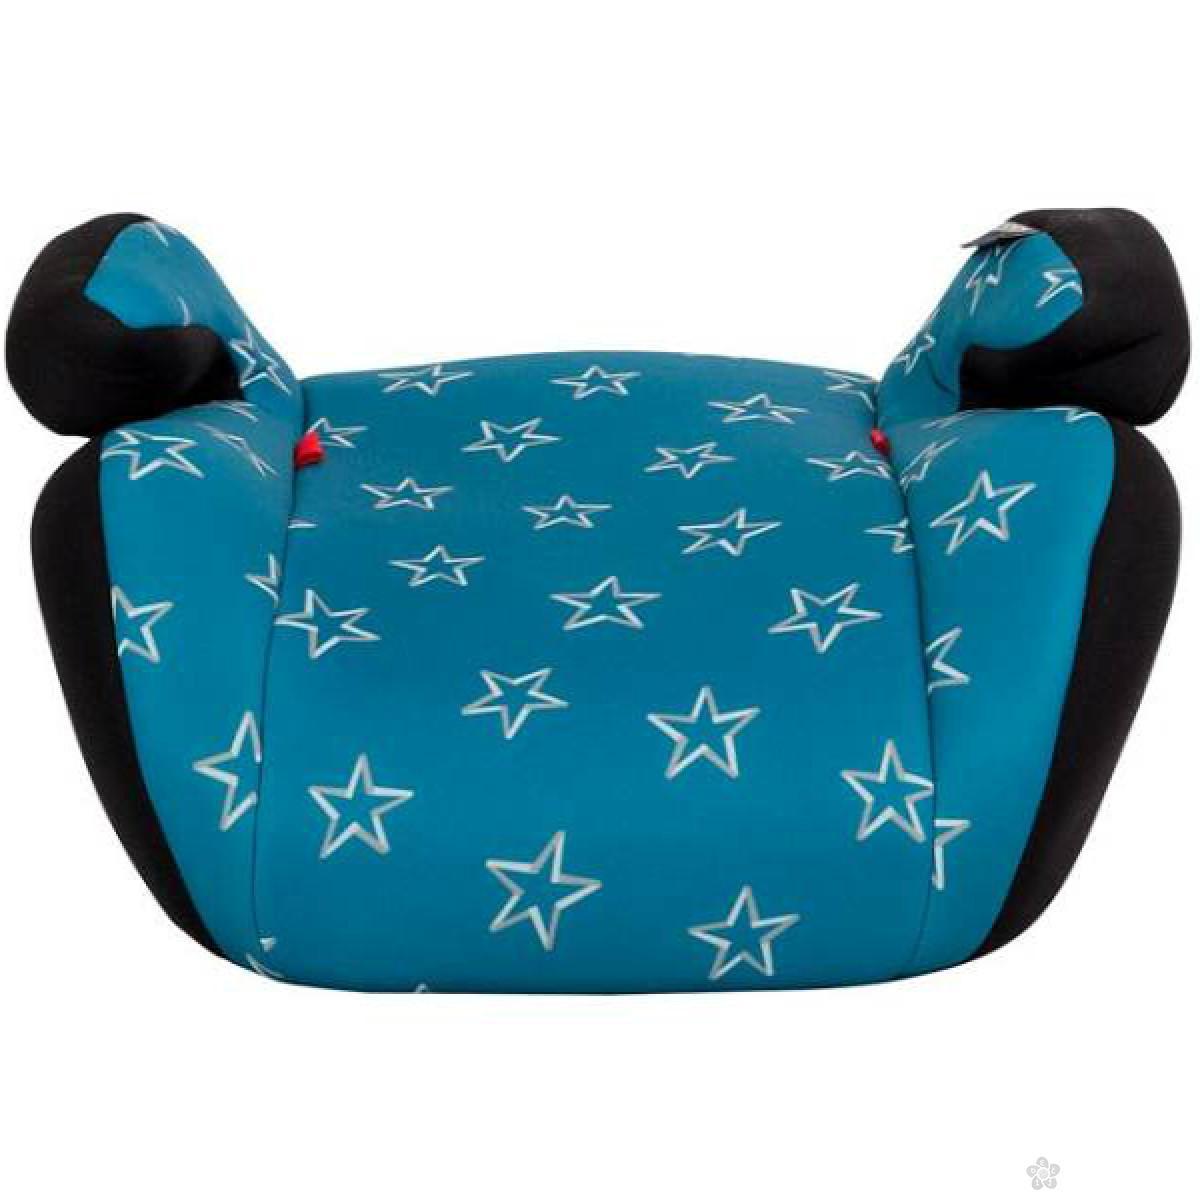 Auto Sedište Jazzy Blue Stars 15-36kg Kikka Boo